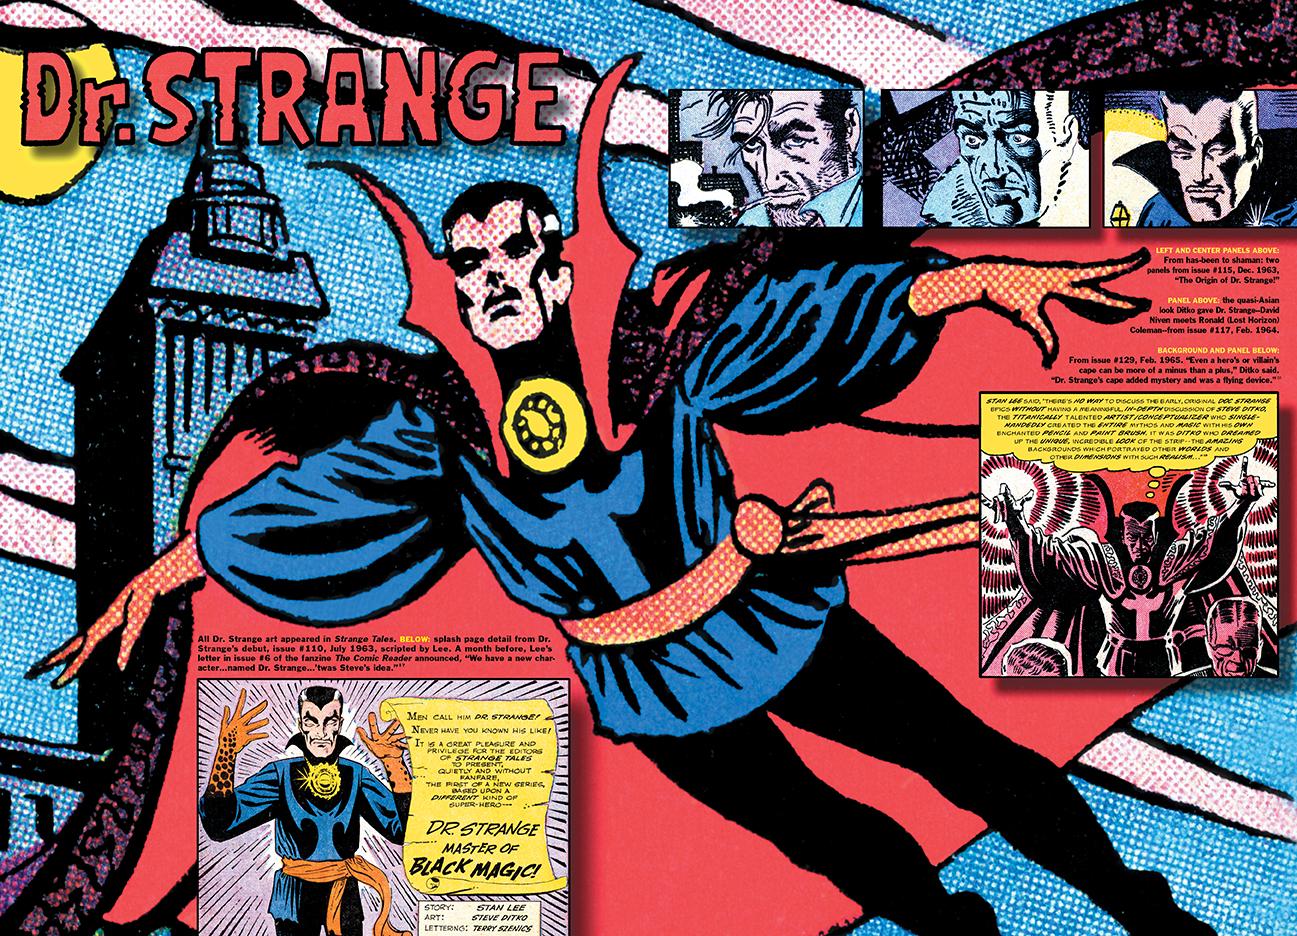 08.DITKO Strange1 56-57 ASR